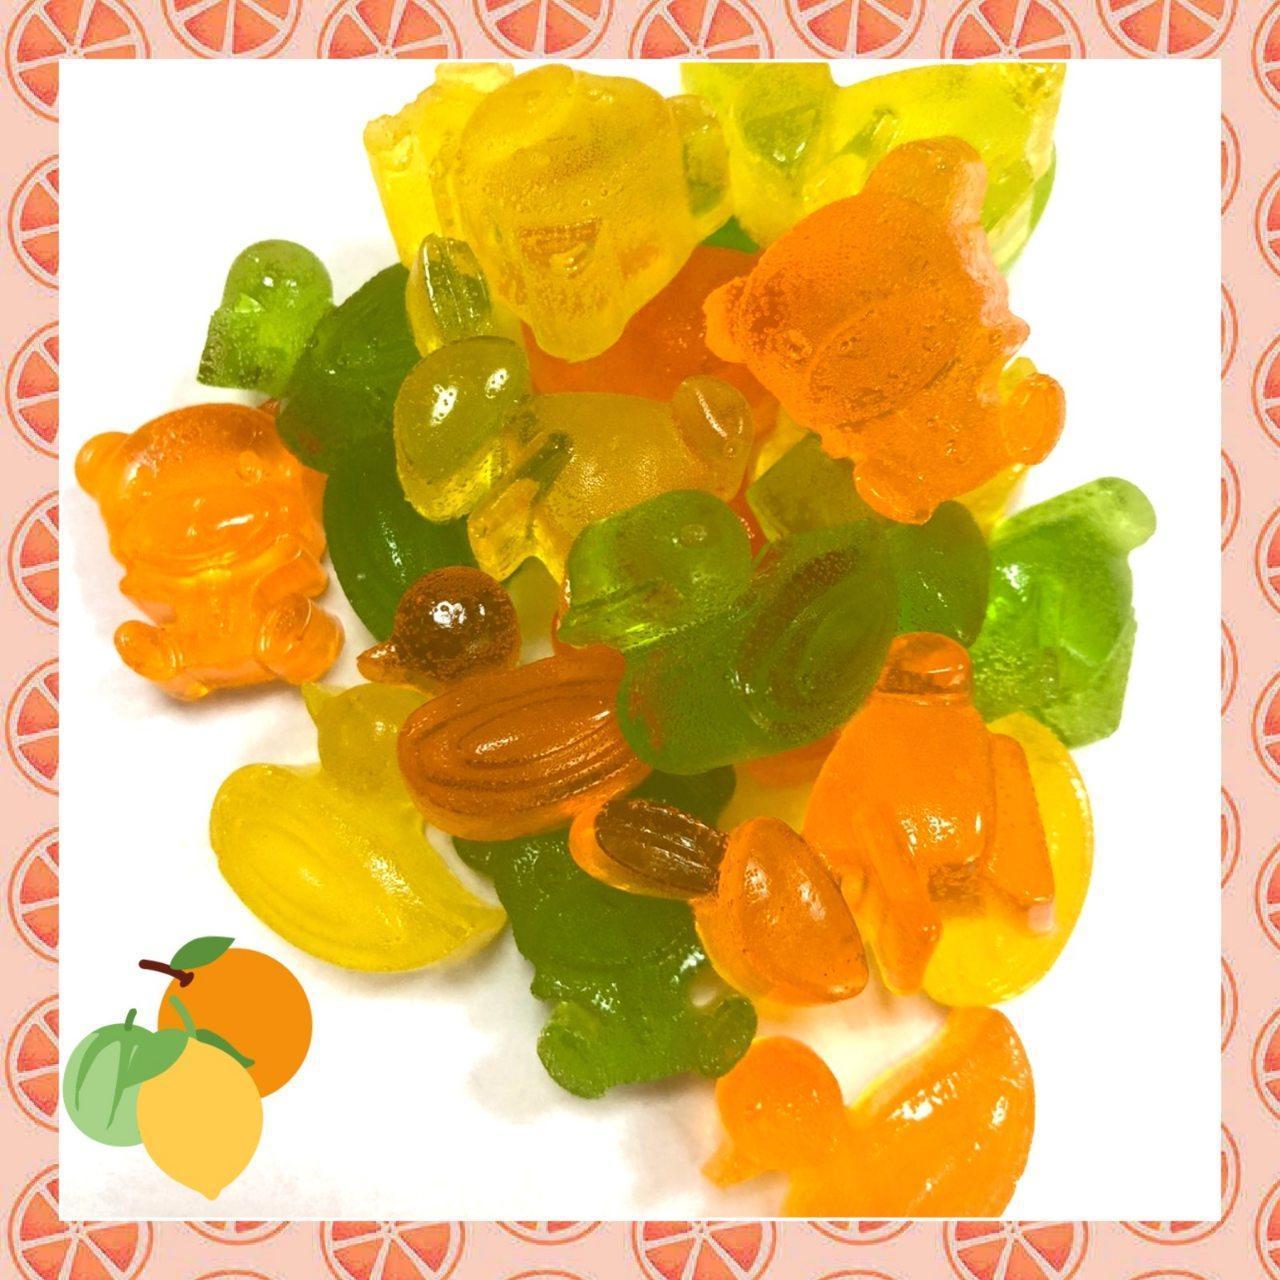 Жевательный мармелад Фигурки цитрусовые ( мандарин, апельсин, лимон-лайм) 200 грамм